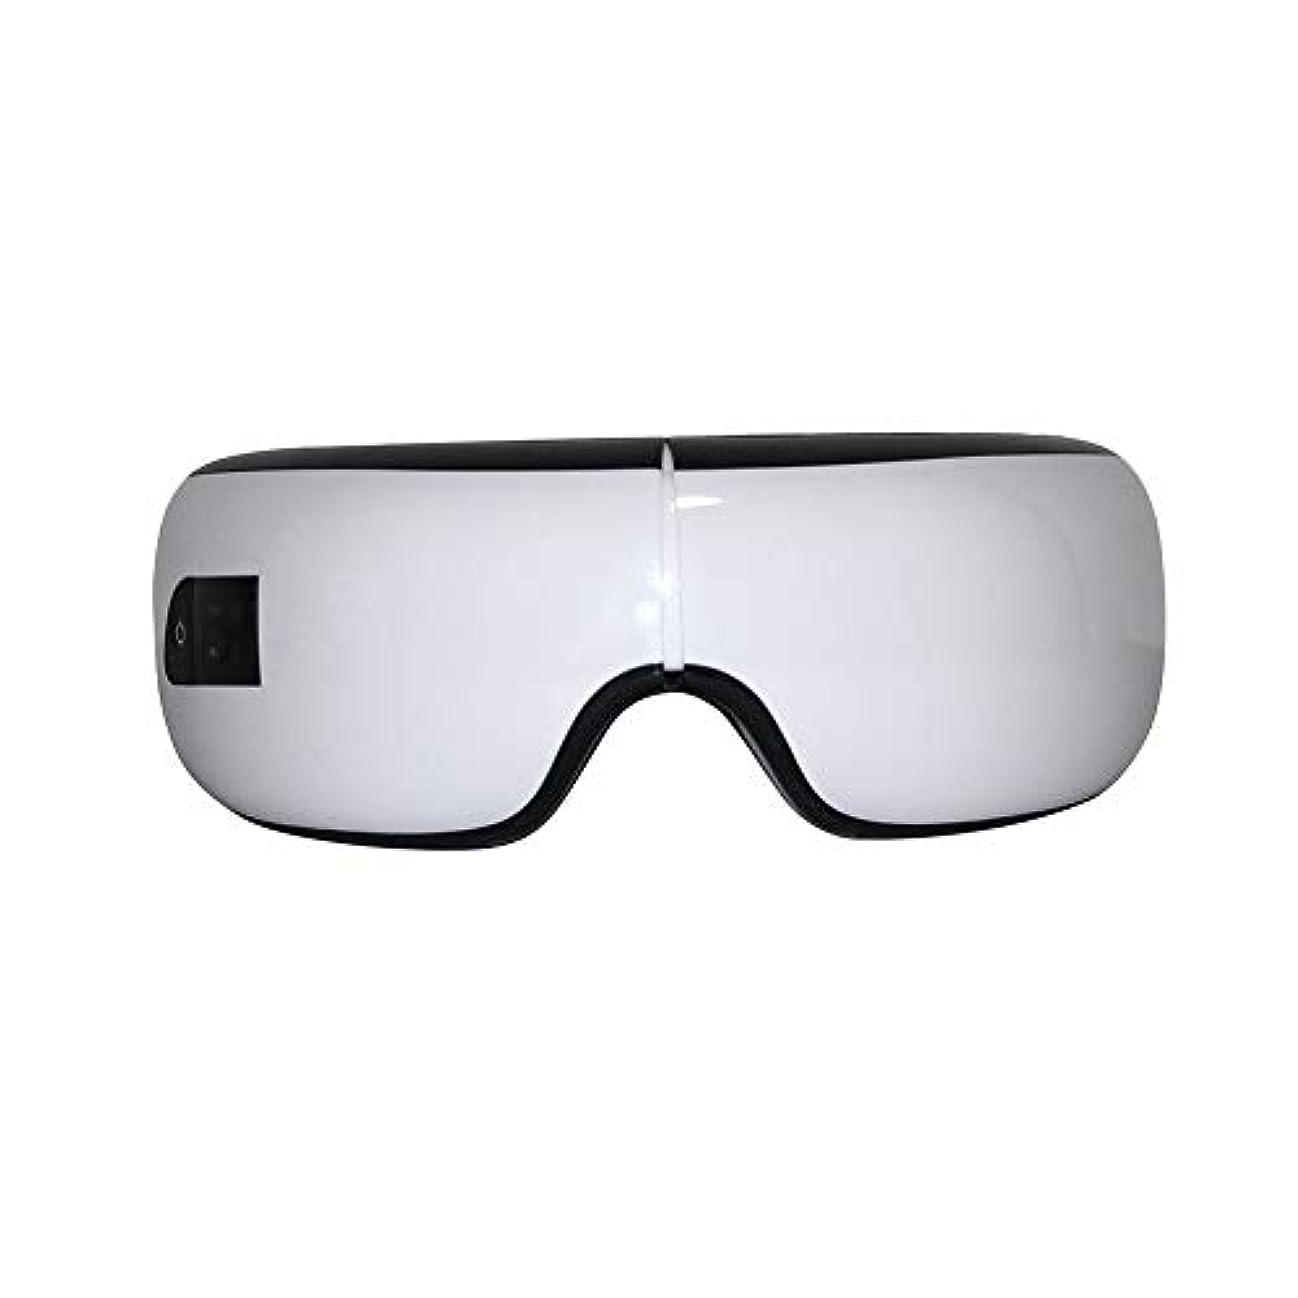 ハイジャックスロー市の中心部電気振動Bluetoothアイマッサージャーアイケアデバイスしわ疲労緩和振動マッサージホットコンプレスセラピーメガネクリスマスギフト